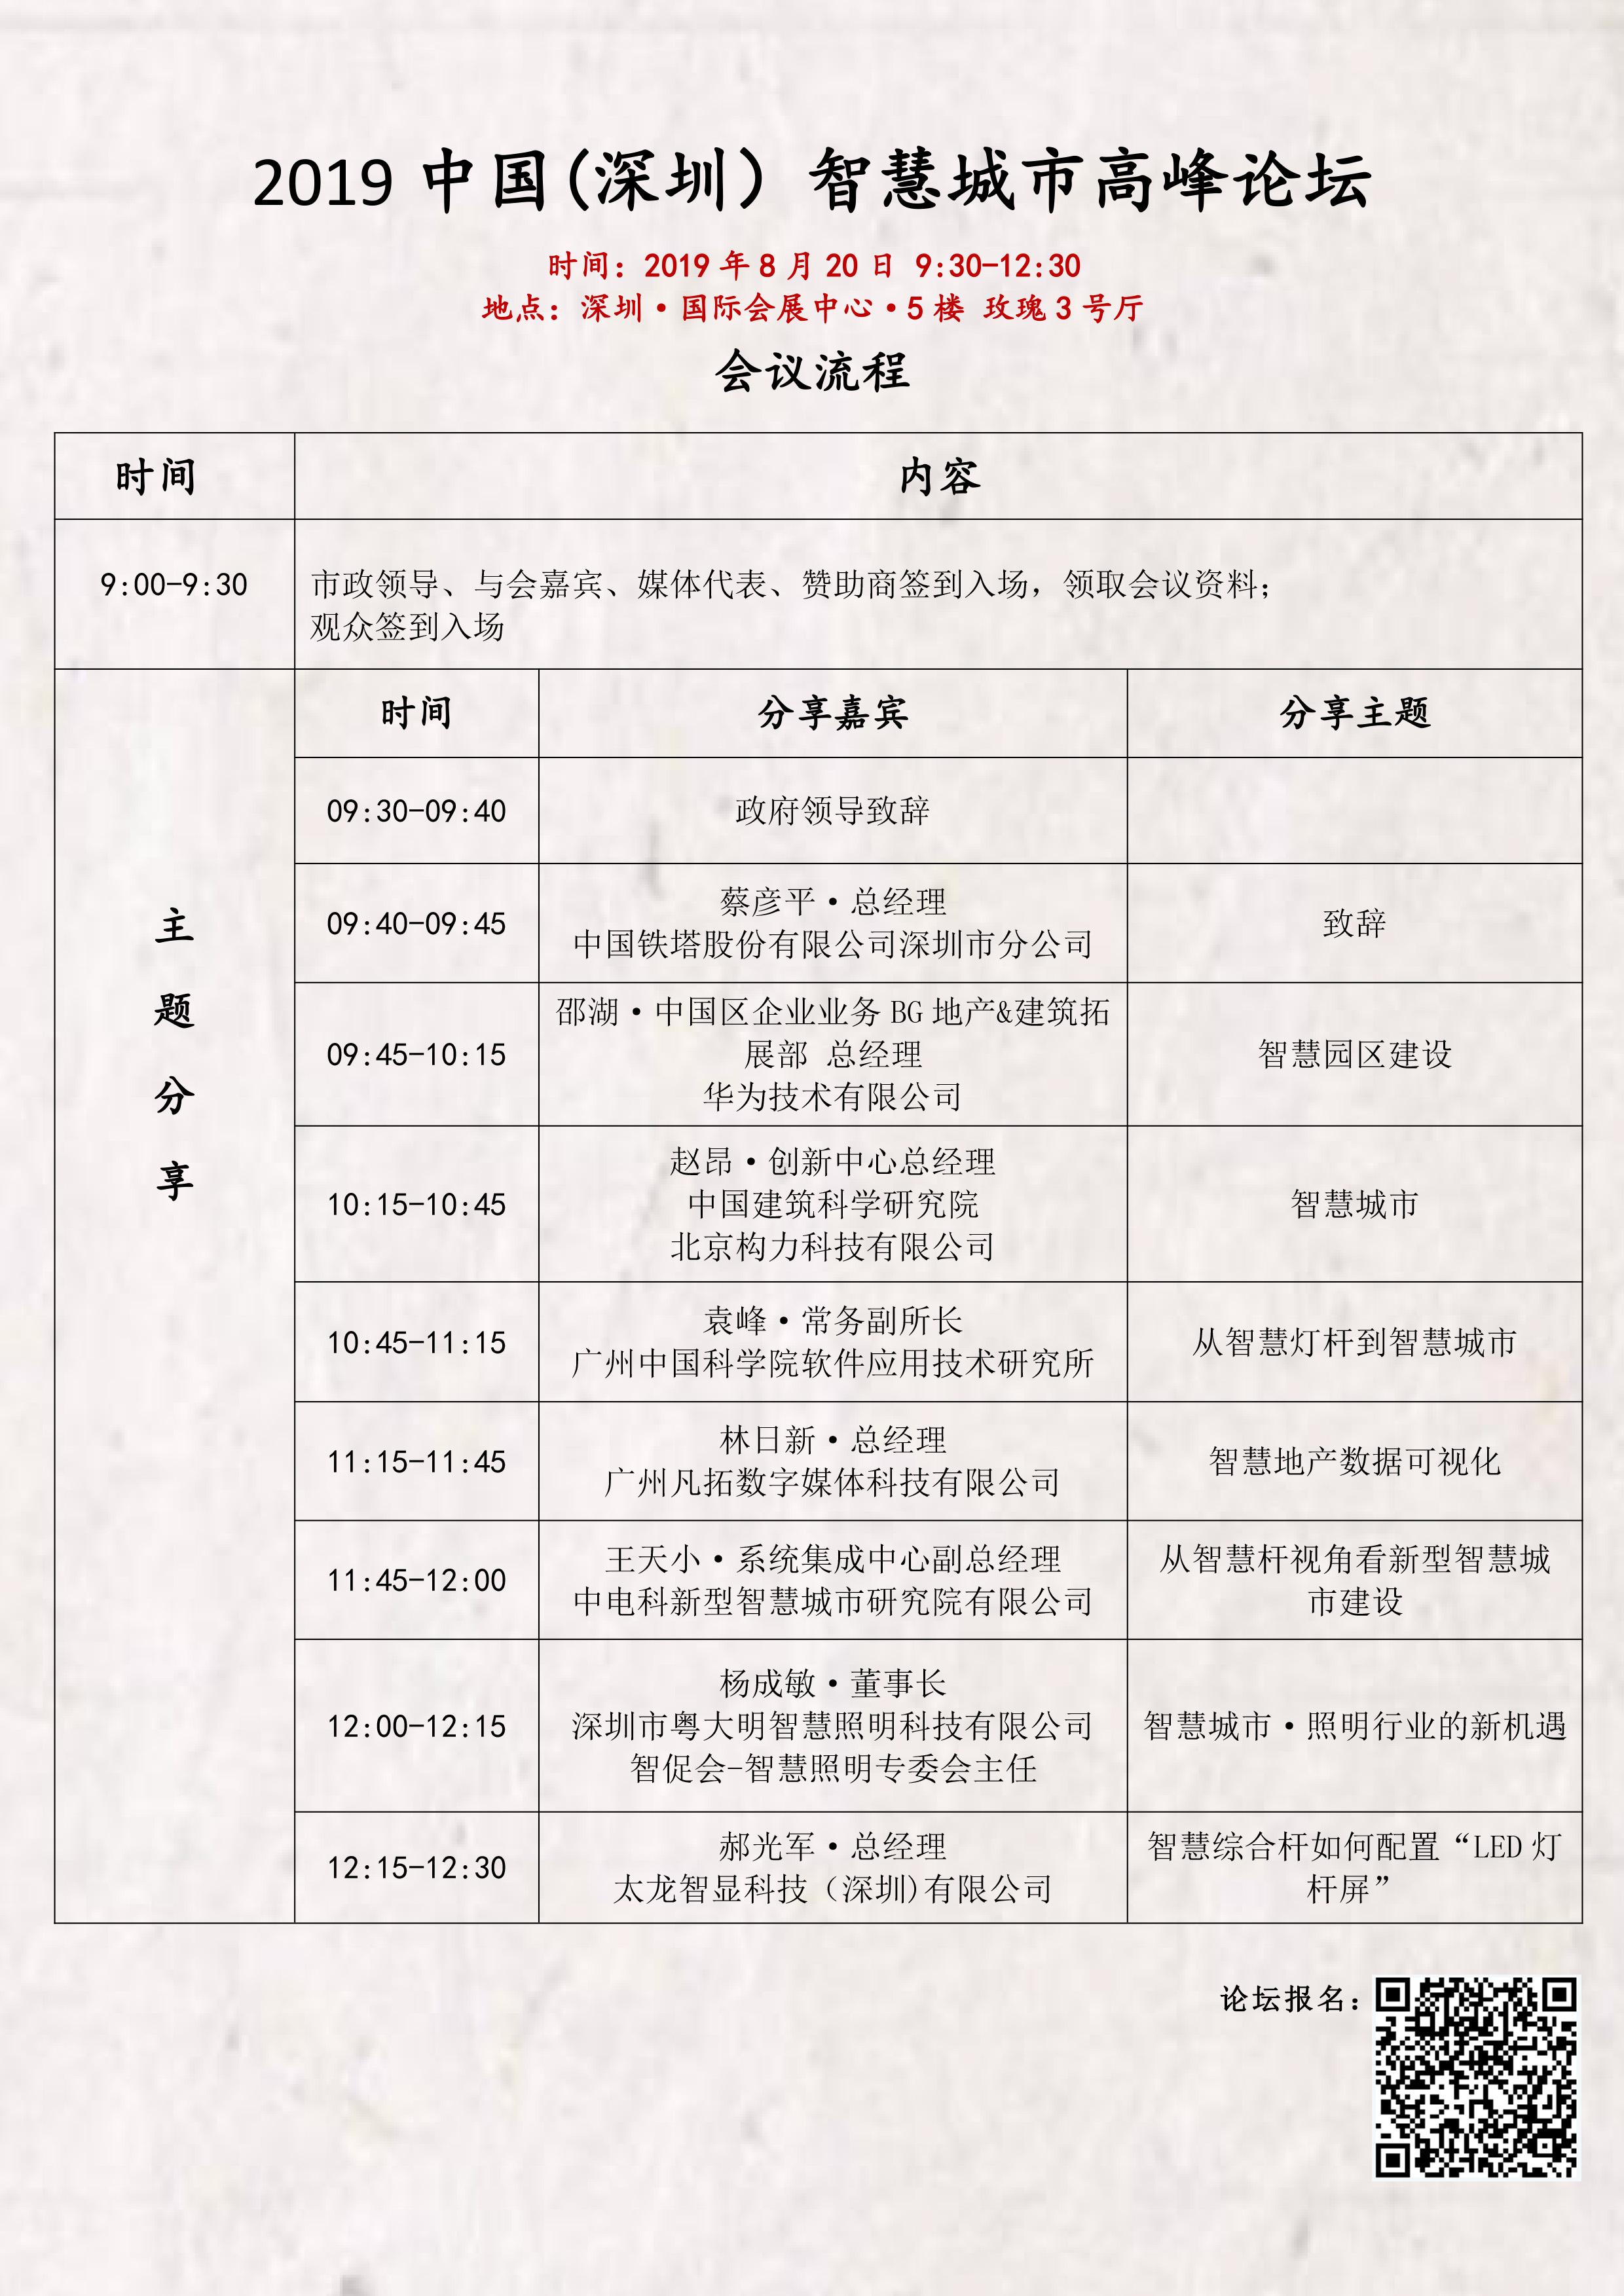 2019中国(深圳)智慧城市高峰论坛